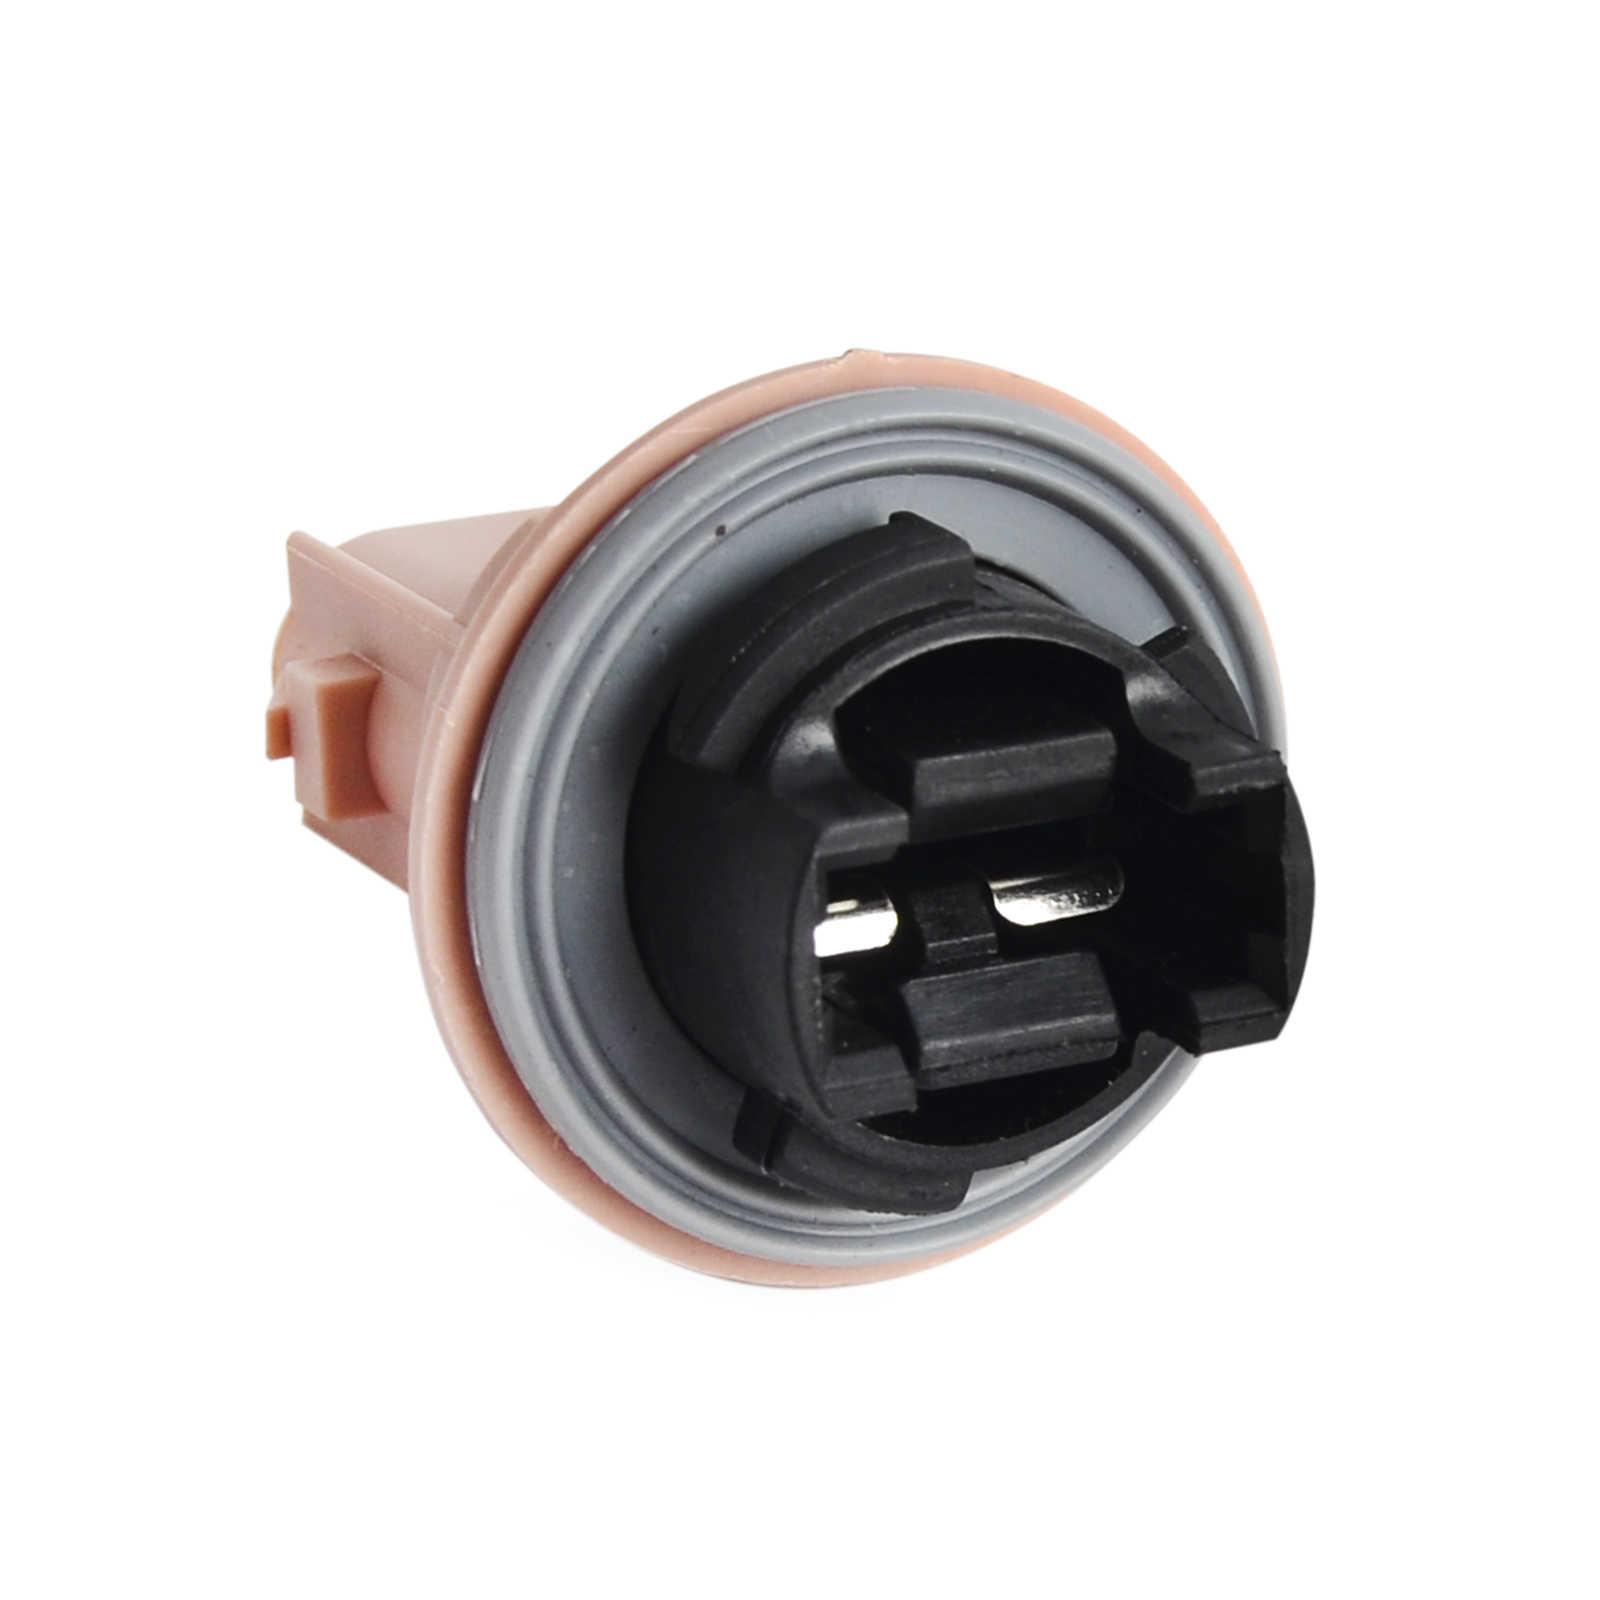 Поворотники для заднего или переднего света Парковка лампа Разъем 3157 лампы для Lincoln MKZ навигатор Zephyr город автомобиль Mercury Mariner Милан